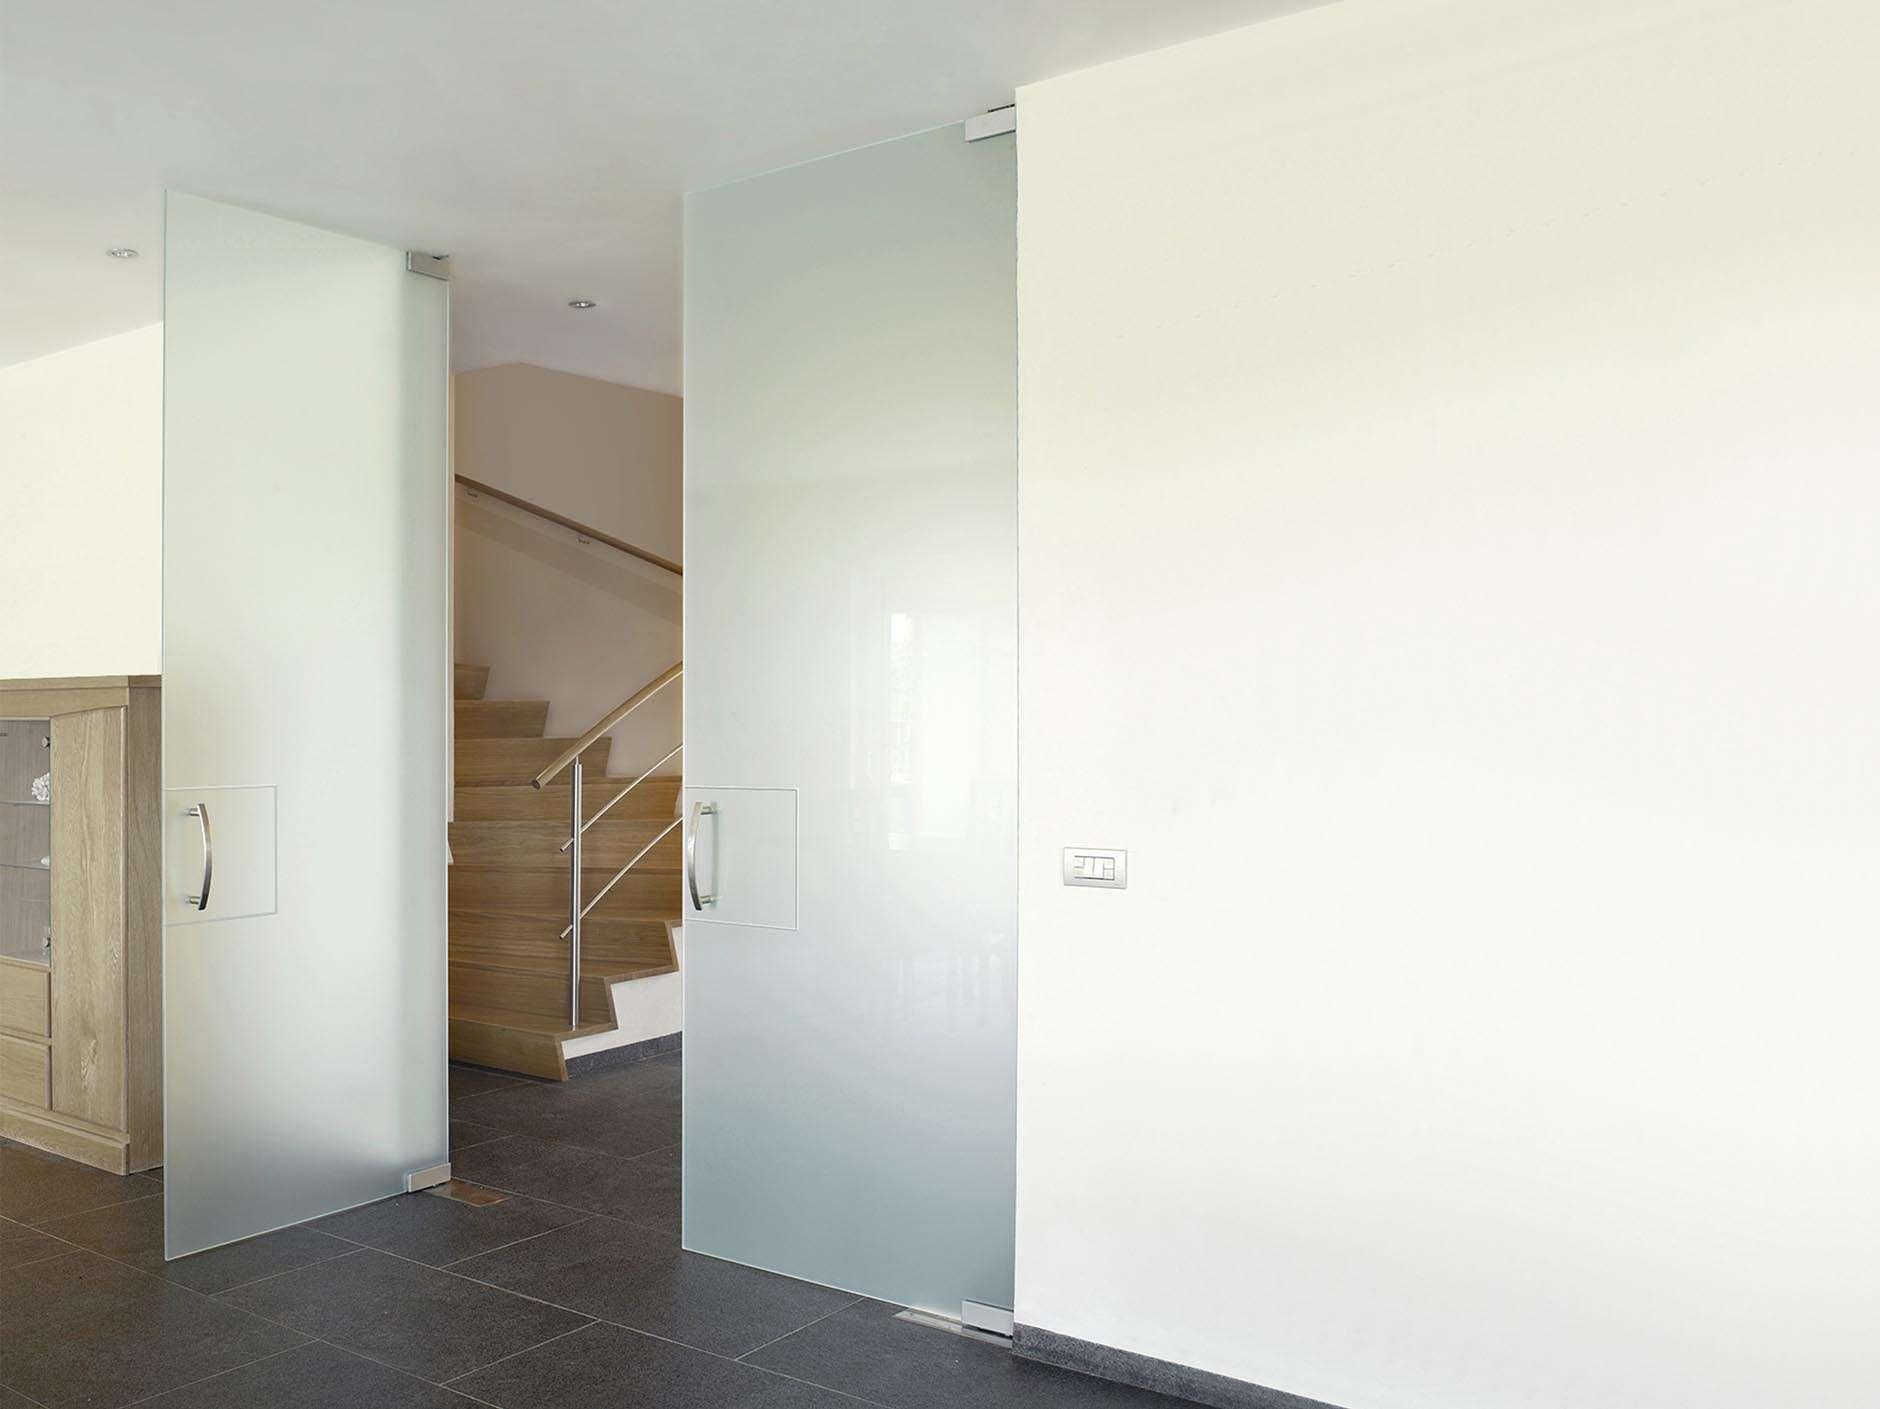 hoge-dubbele-glazen-deur-plafond